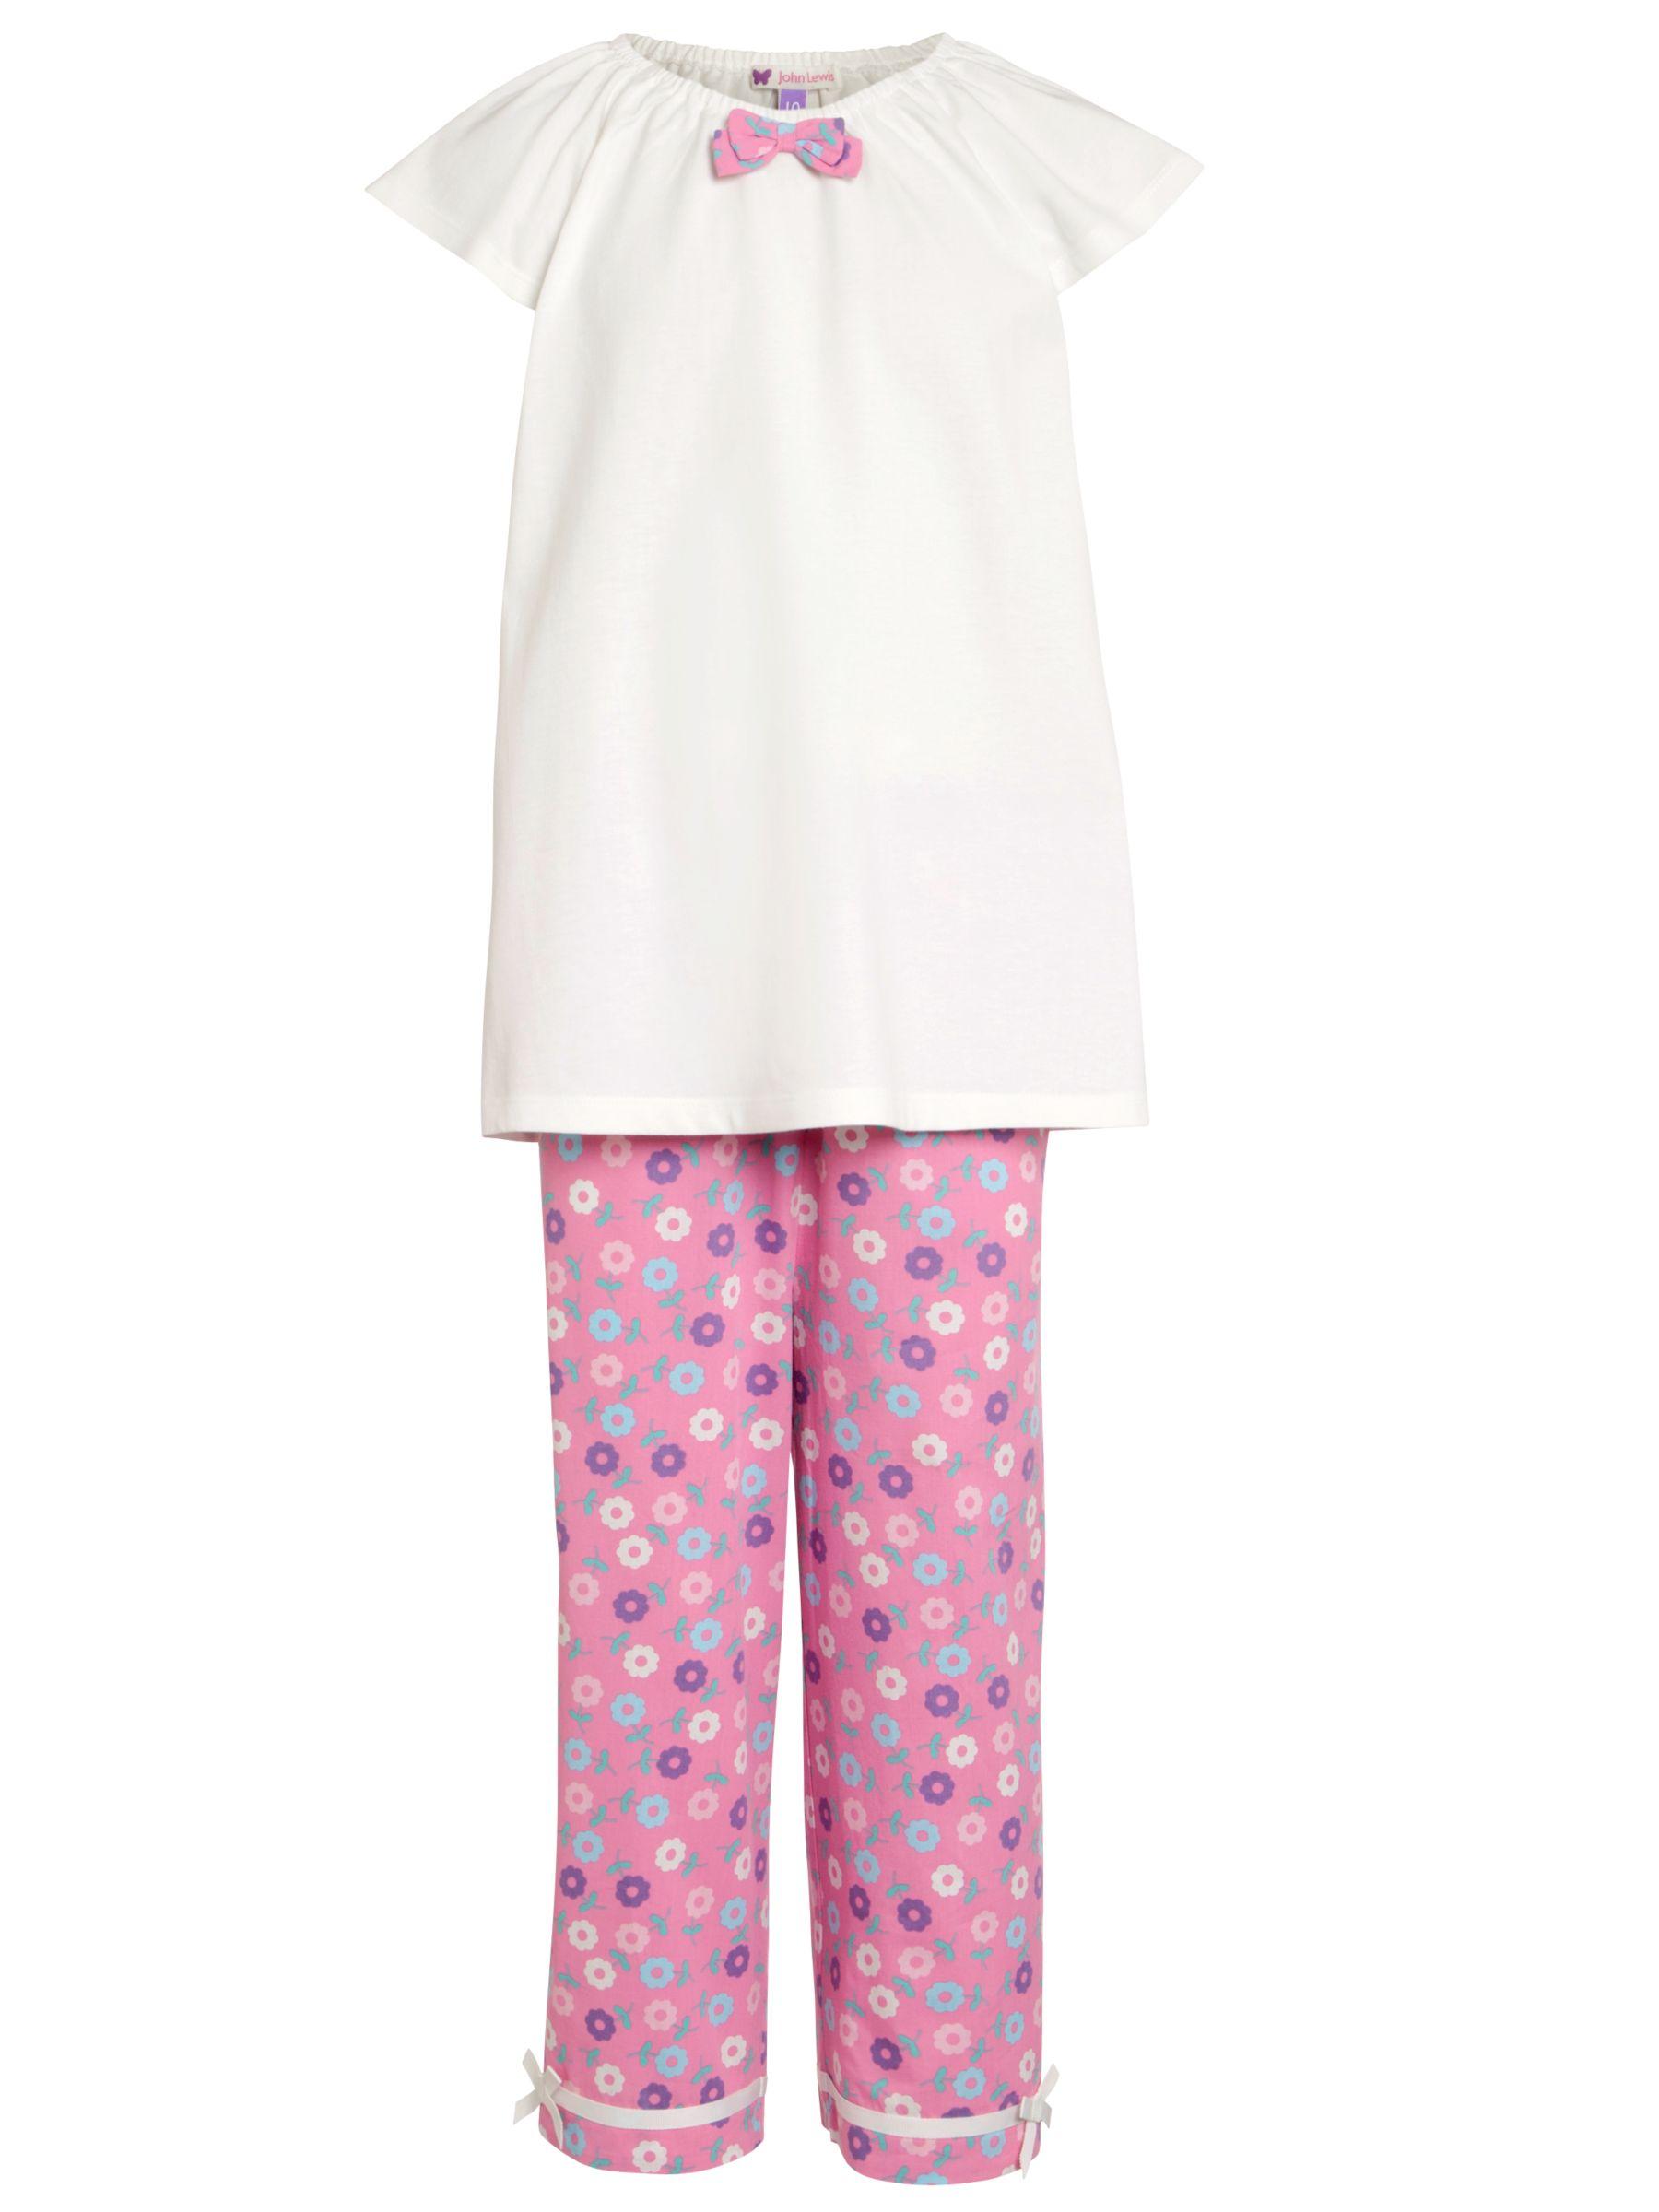 John Lewis Girl Floral Pyjamas, Pink/Cream